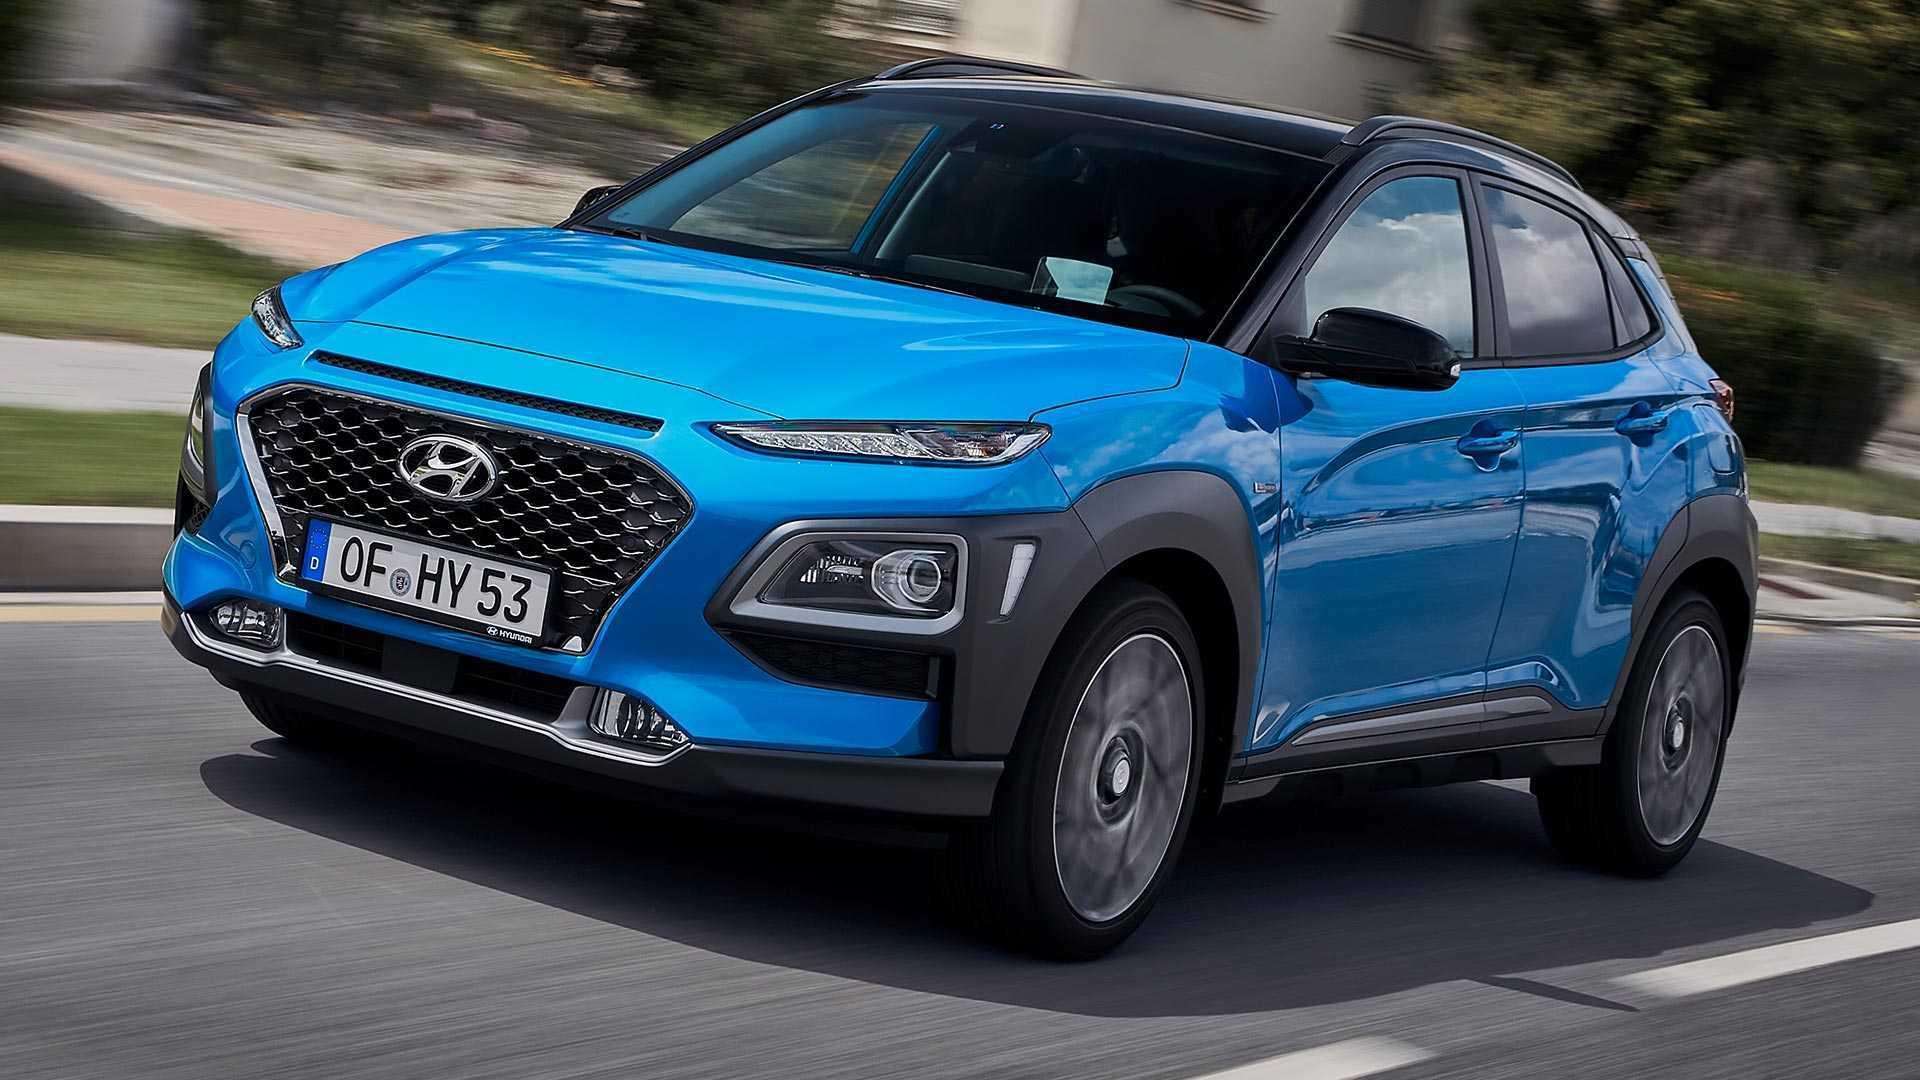 Phiên bản hybrid mới của Hyundai Kona sẽ có 3 bản, tất cả đều đi kèm hệ thống truyền động xăng-điện 1,6 lít, tạo công suất 105 mã lực và được kết hợp với một động cơ điện 44 mã lực dẫn động các bánh trước